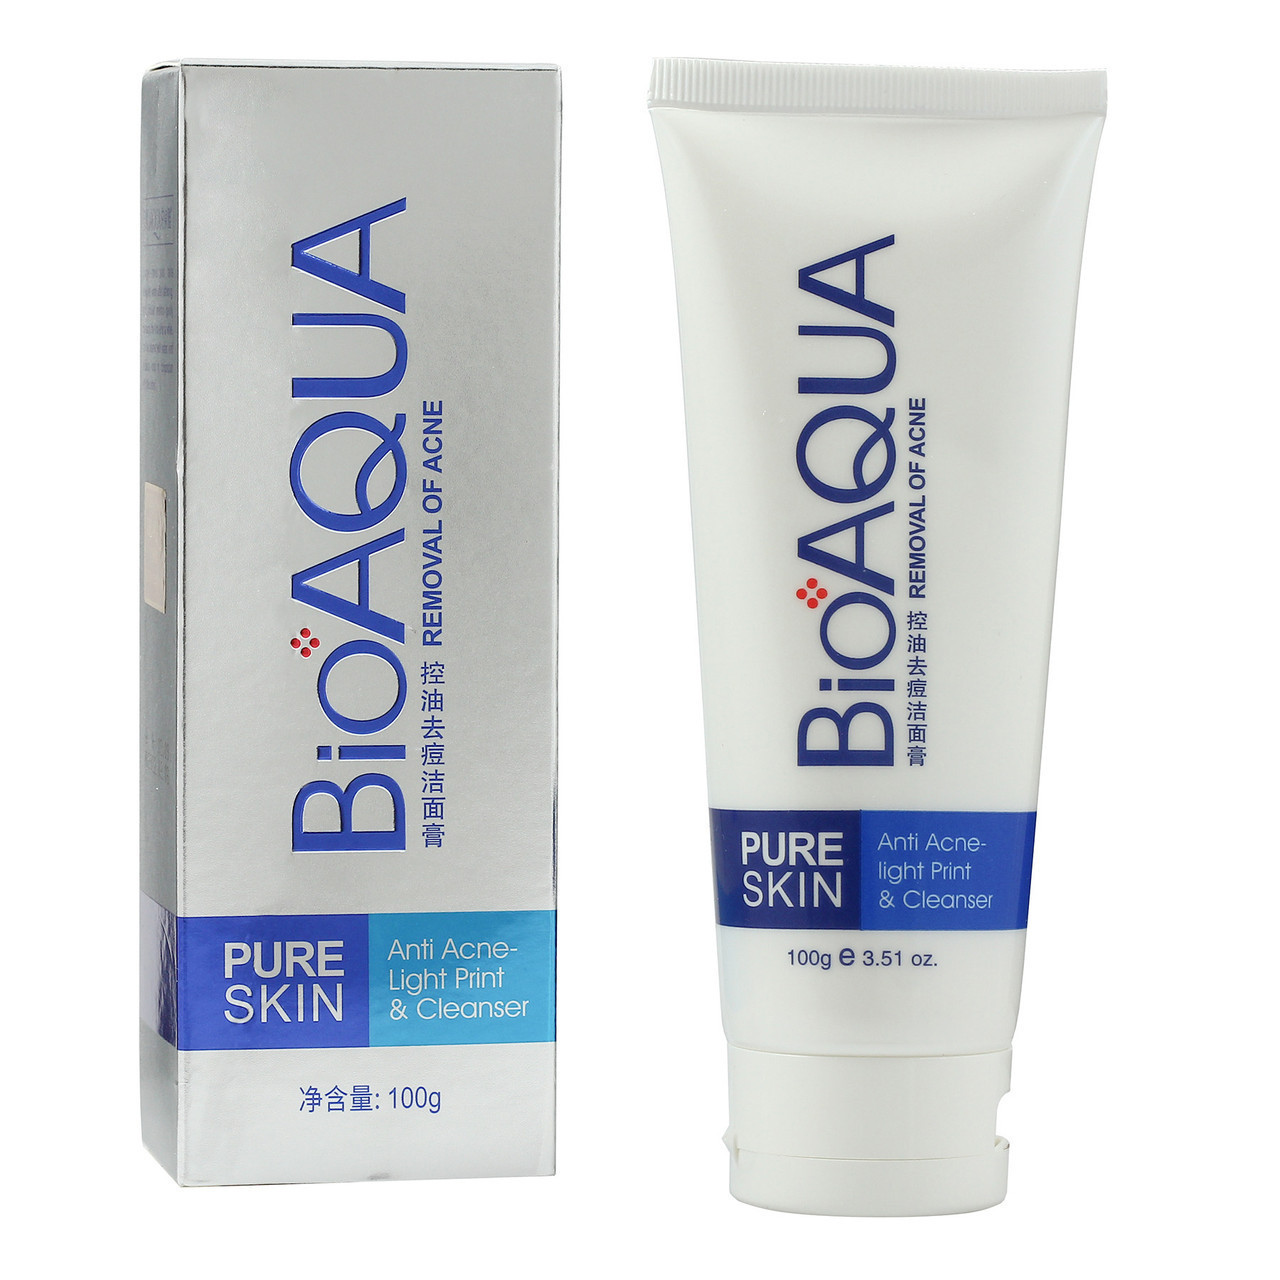 Пенка для умывания от акне Bioaqua Pure Skin в примятой упаковке